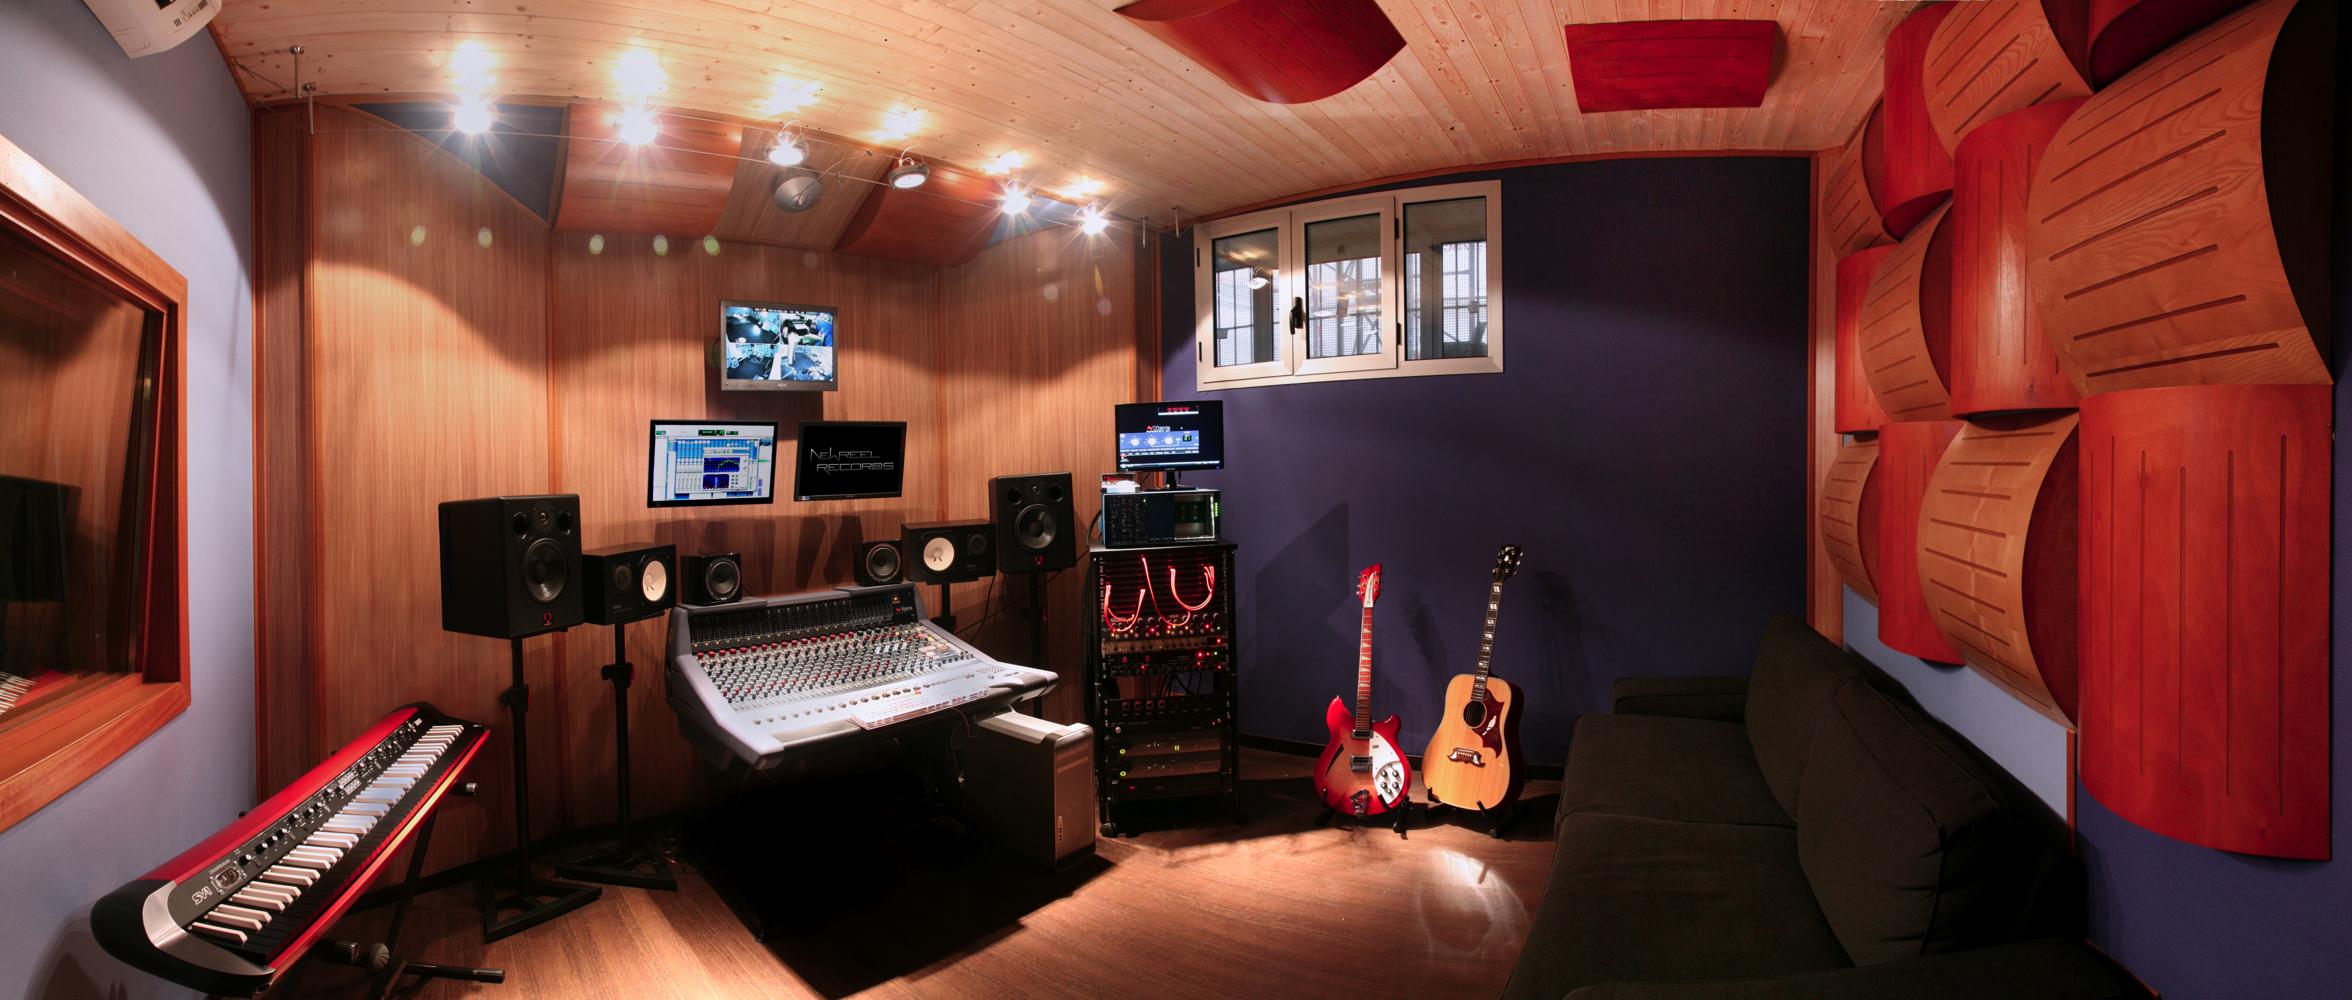 Lo studio di registrazione new reel records - Studio di registrazione casalingo ...